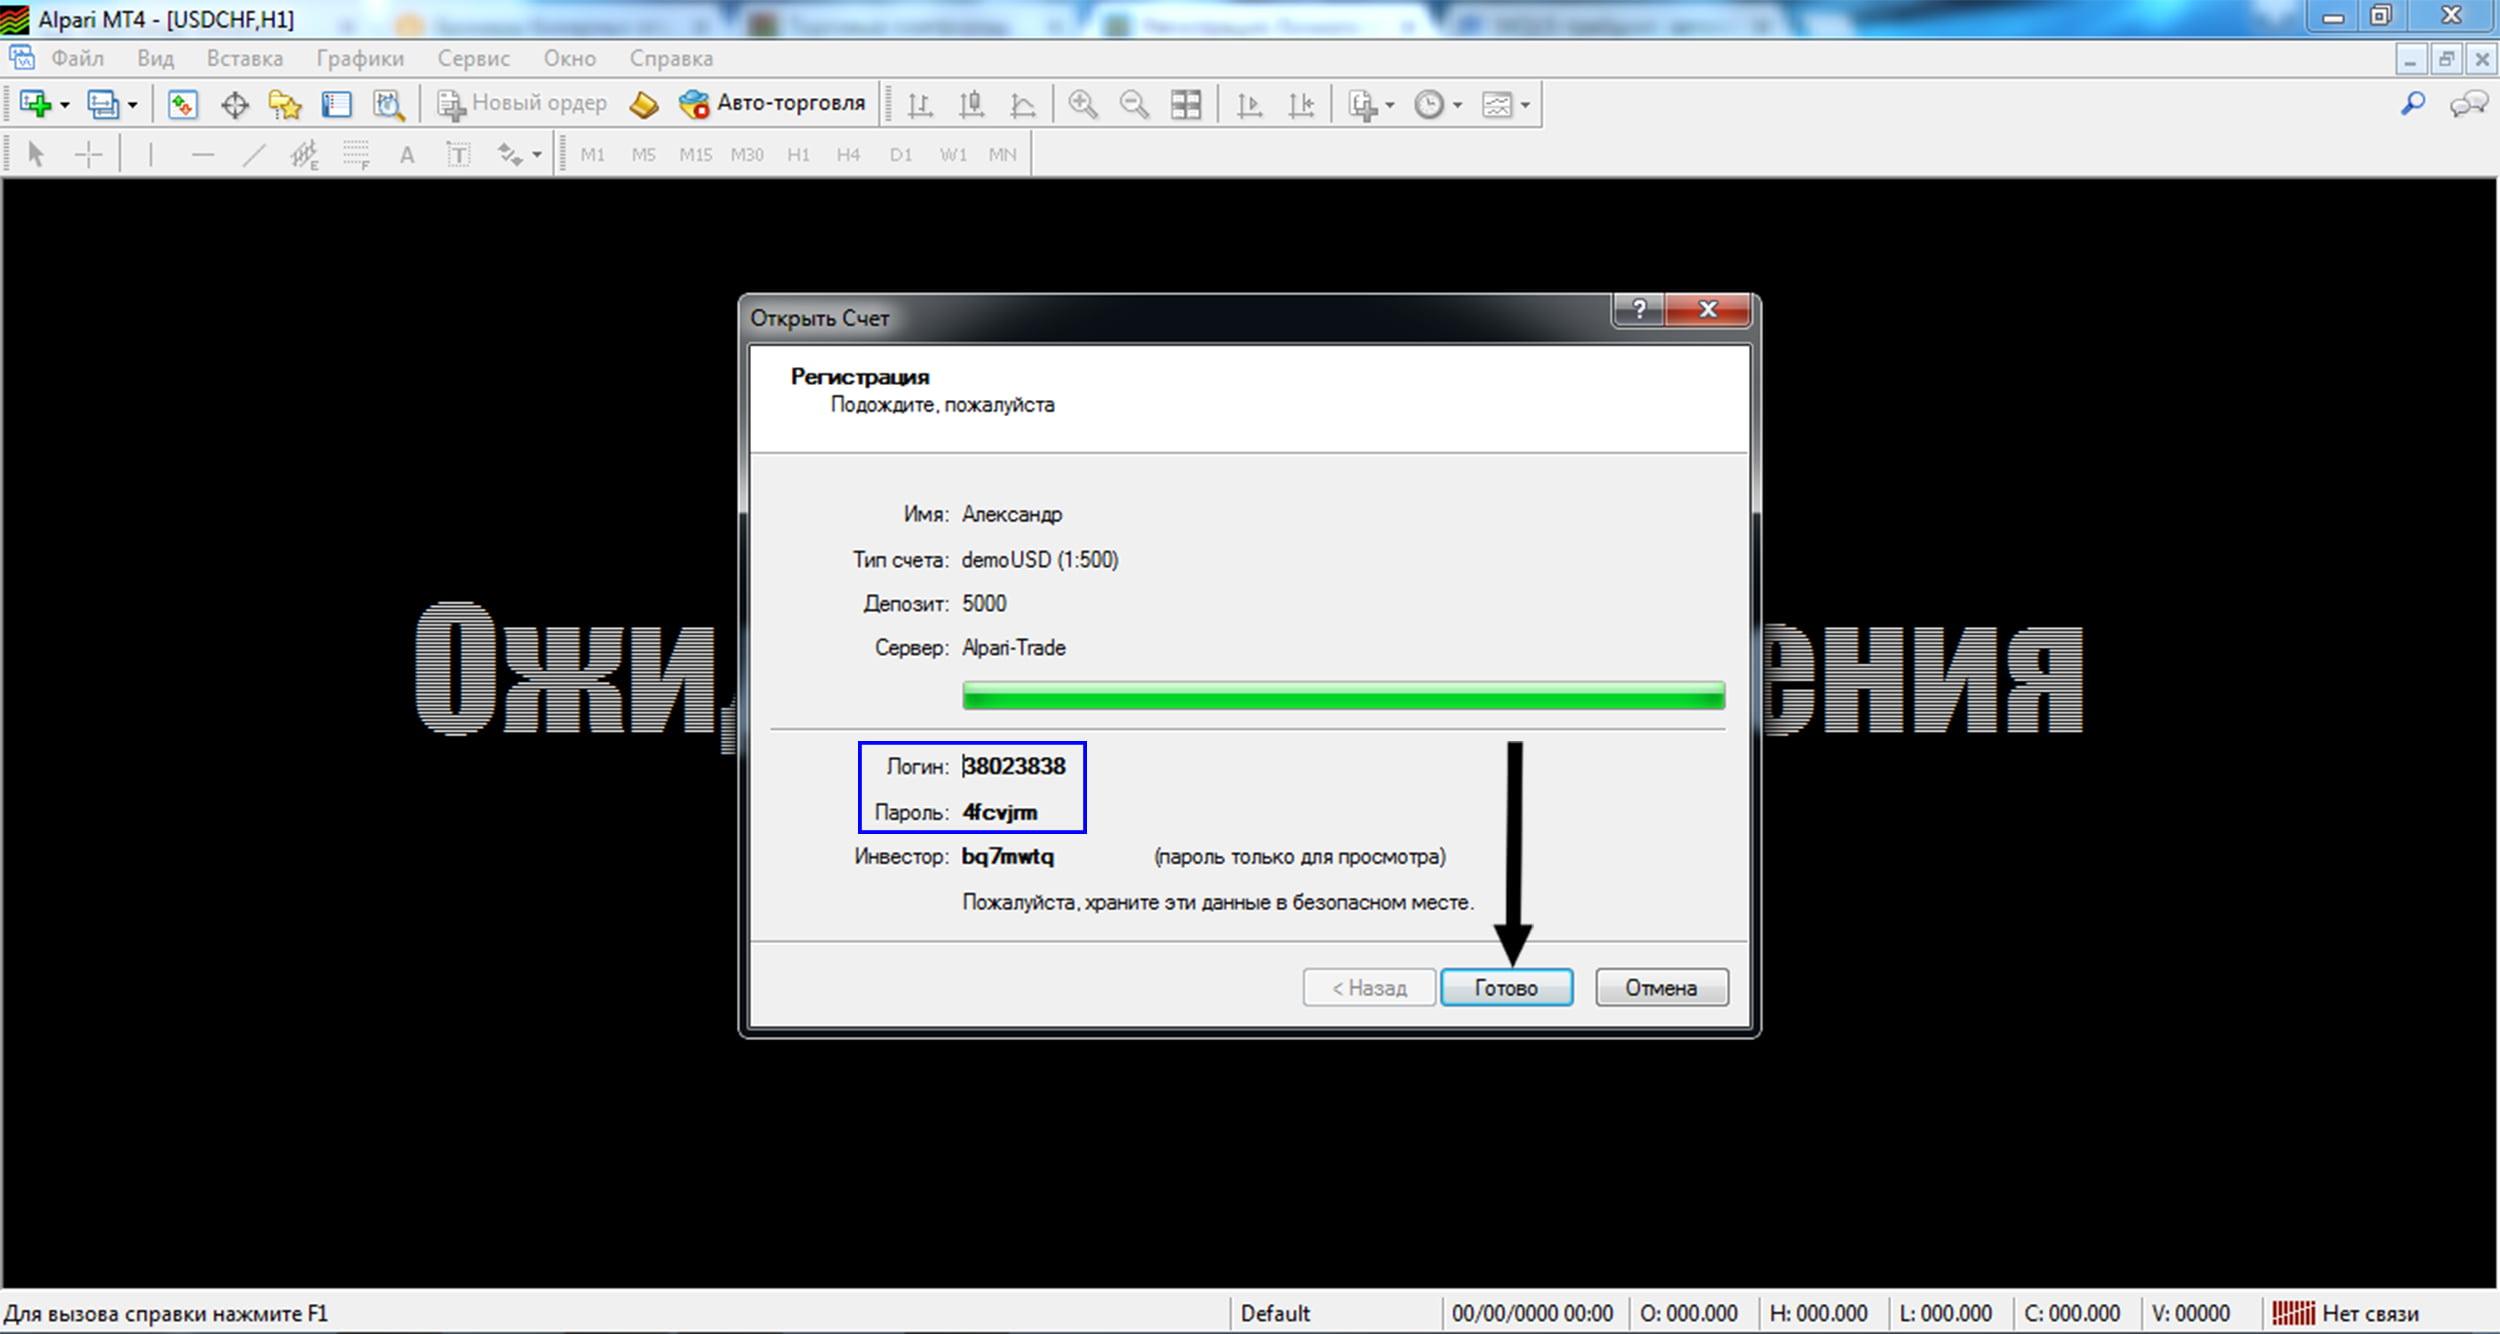 Сохраните логин/пароль для демо-счета и нажмите «Готово» в программе МТ4